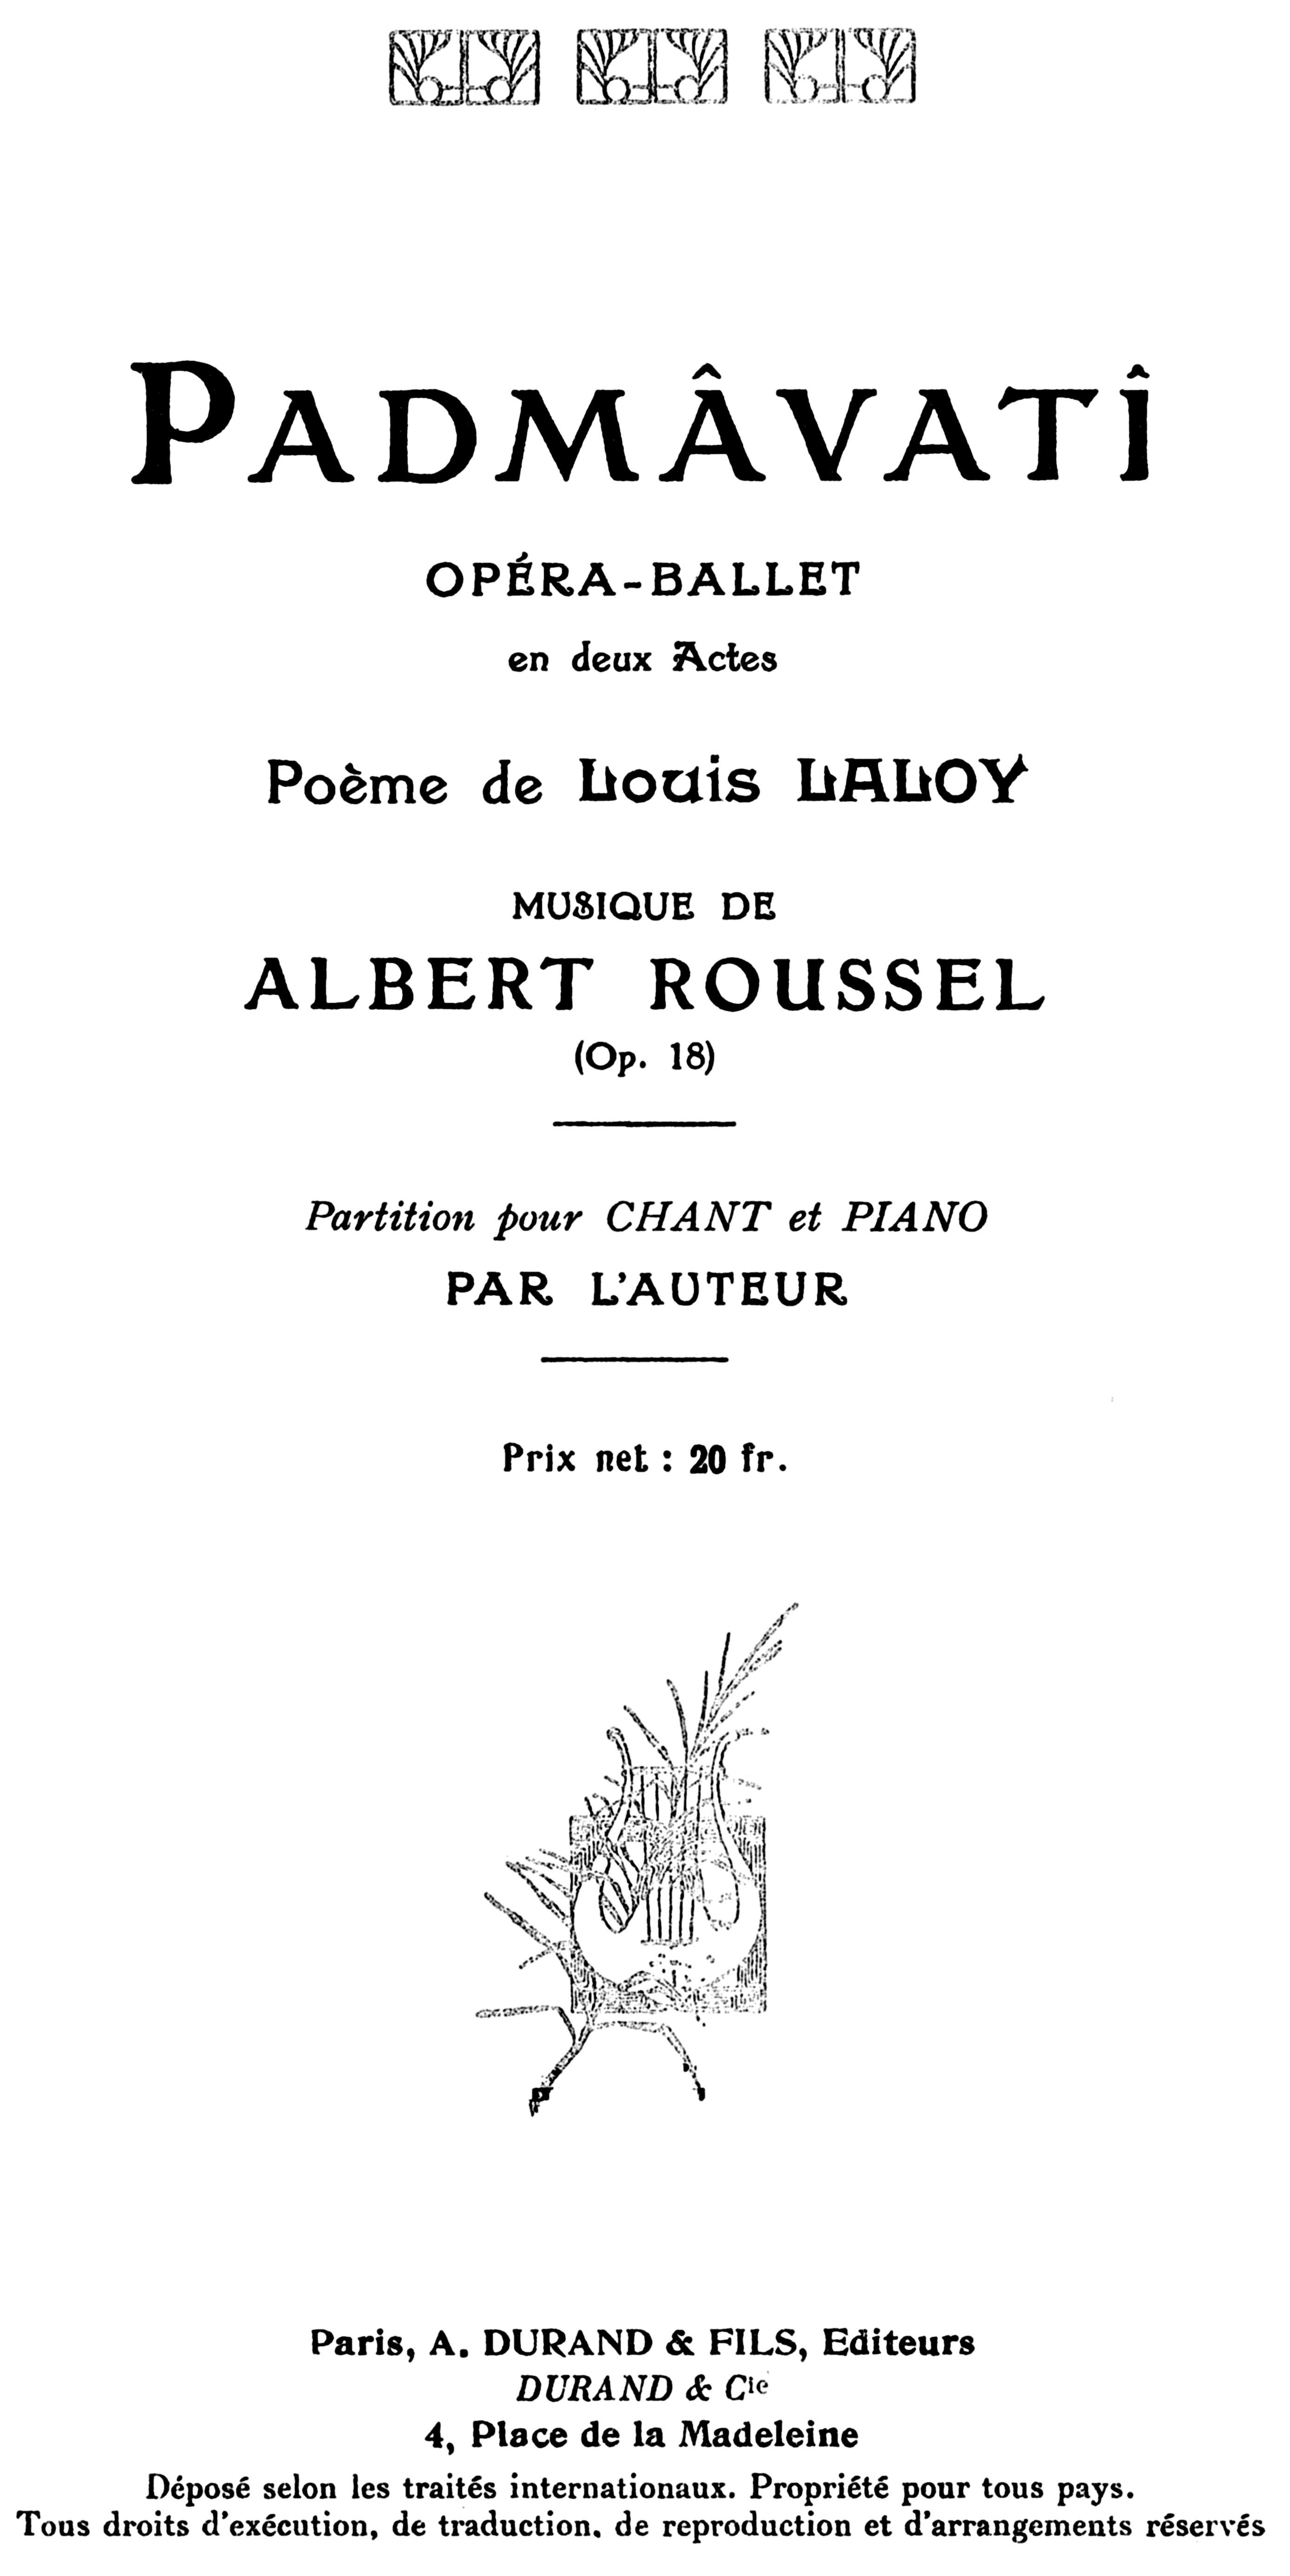 Fileroussel Padmâvatî Piano Score Paris 1919 Title